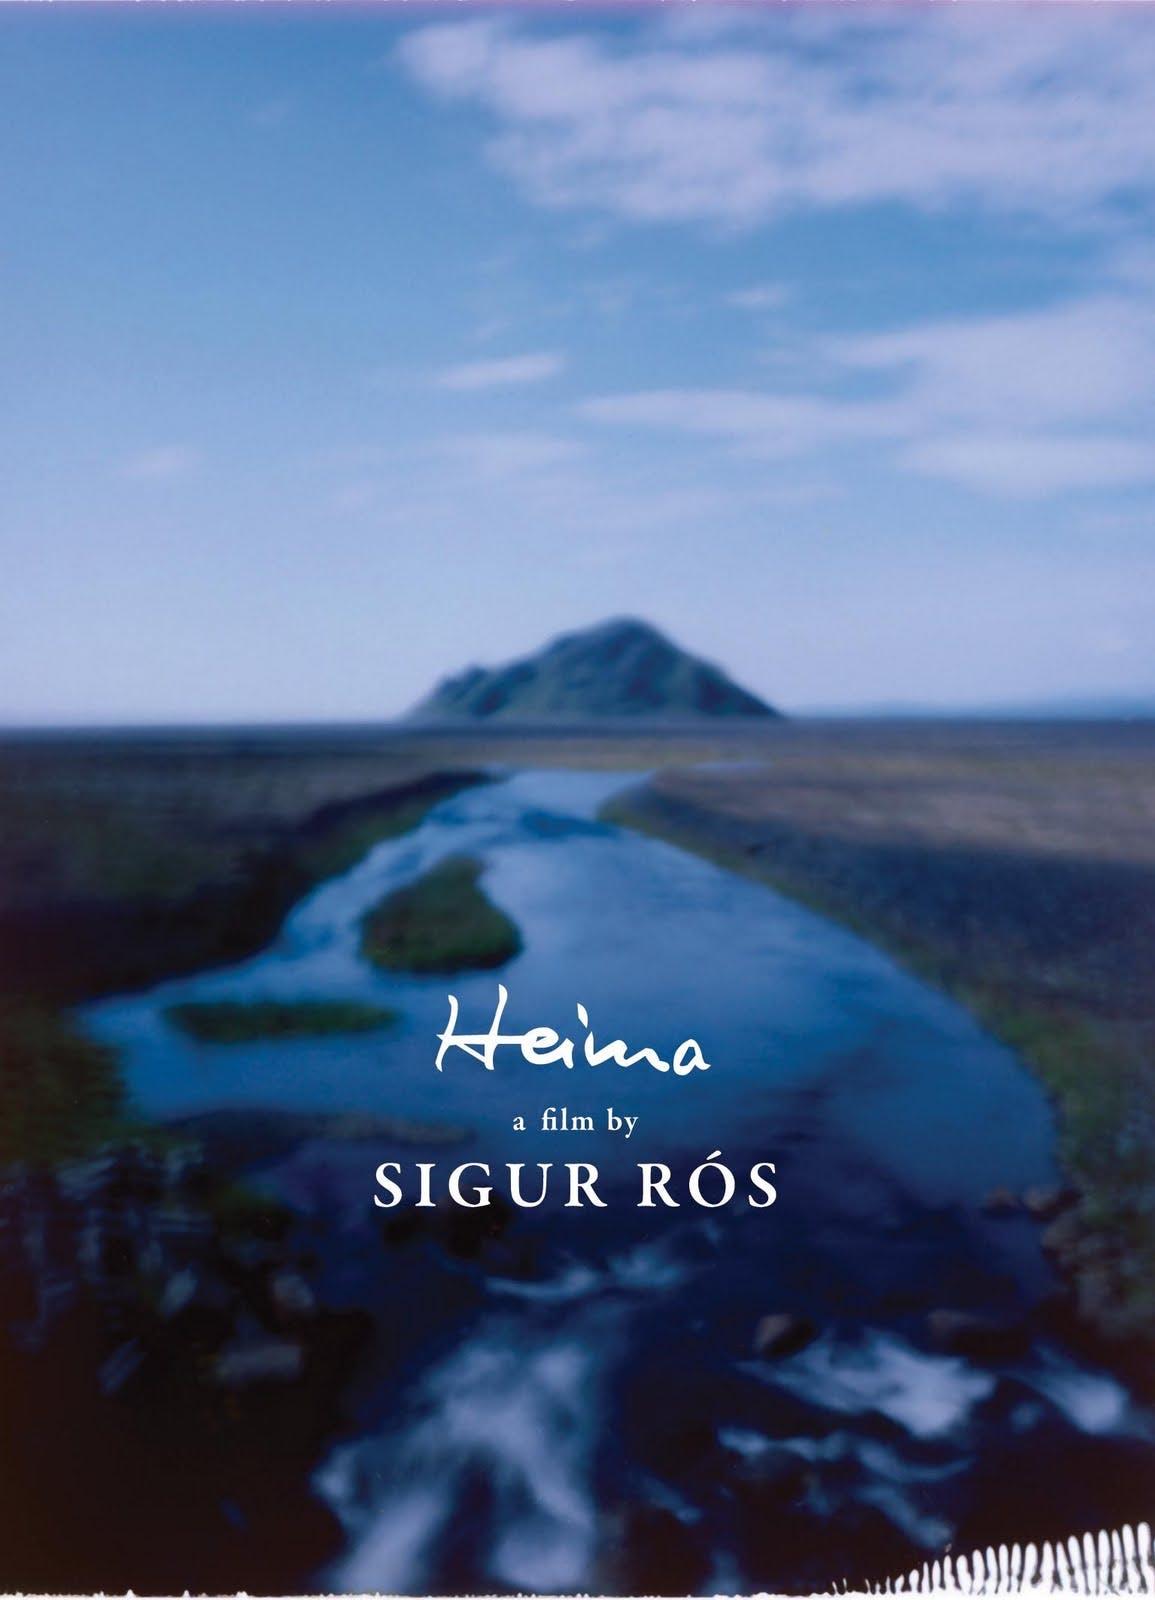 冰岛后摇乐队Sigur Rós音乐纪录片电影听风的歌Heima